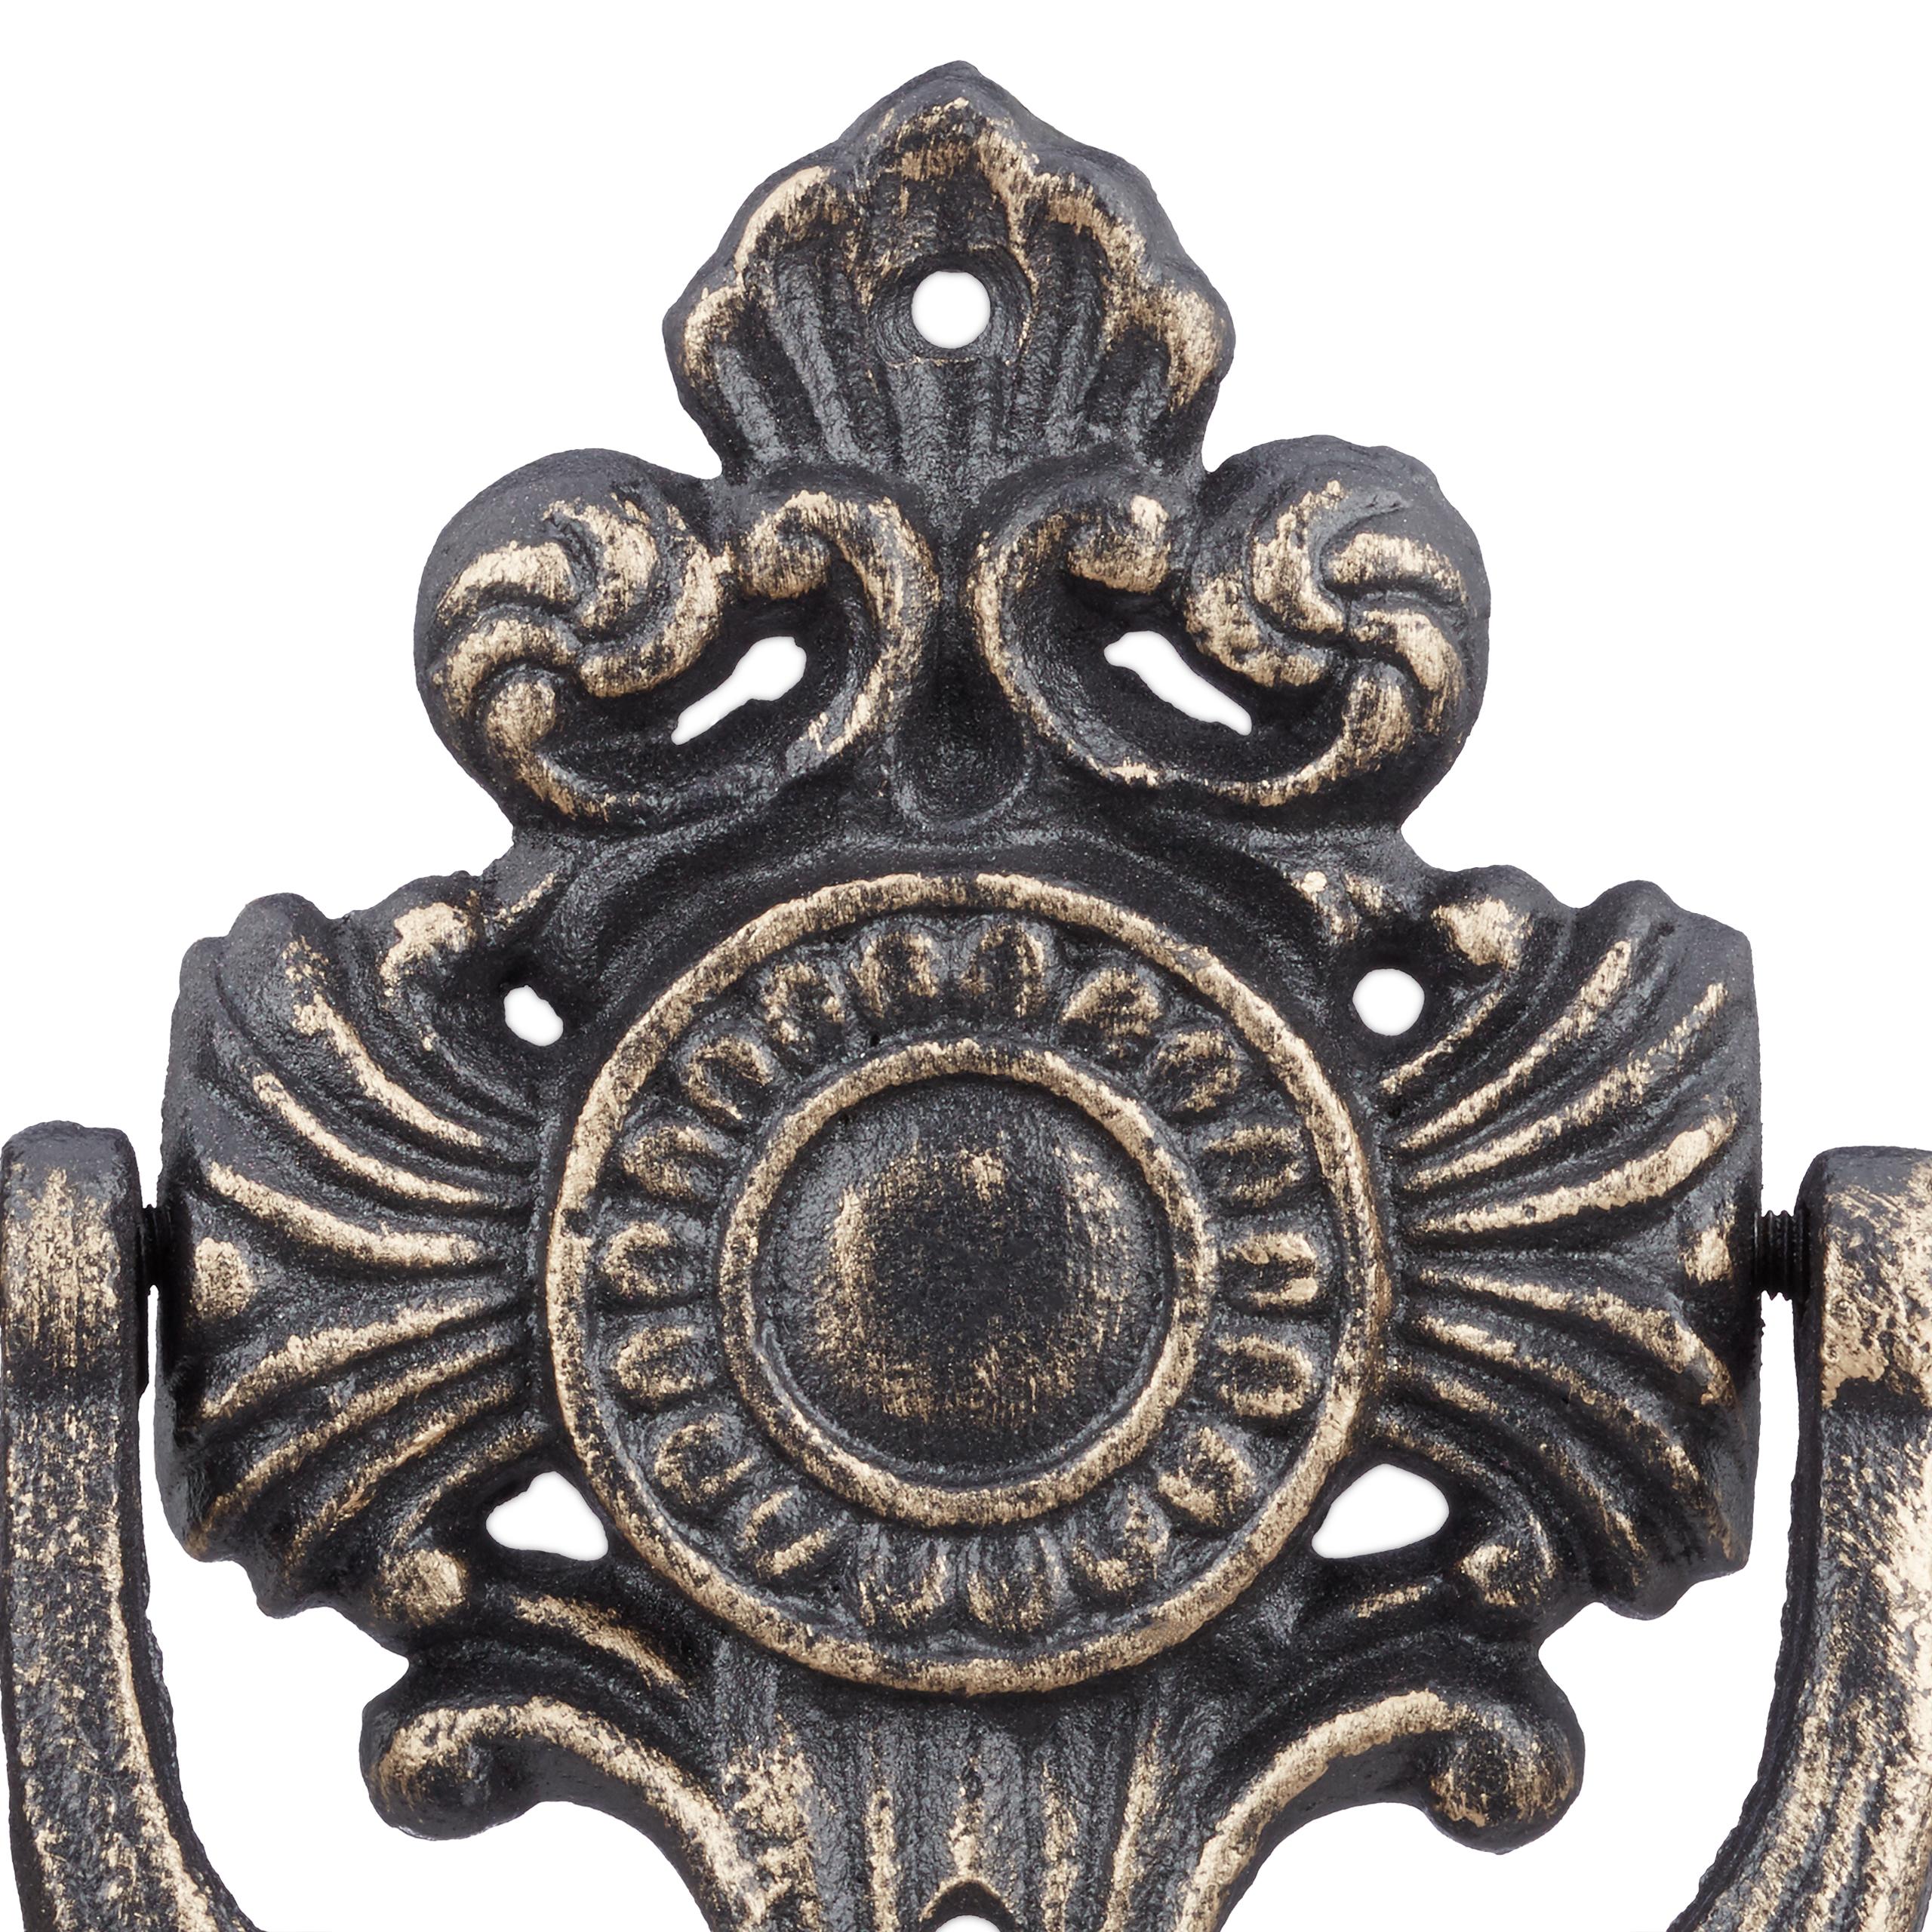 Gusseisen Klopfer mittelalterlich verziert Türklopfer antik für Eingangstür